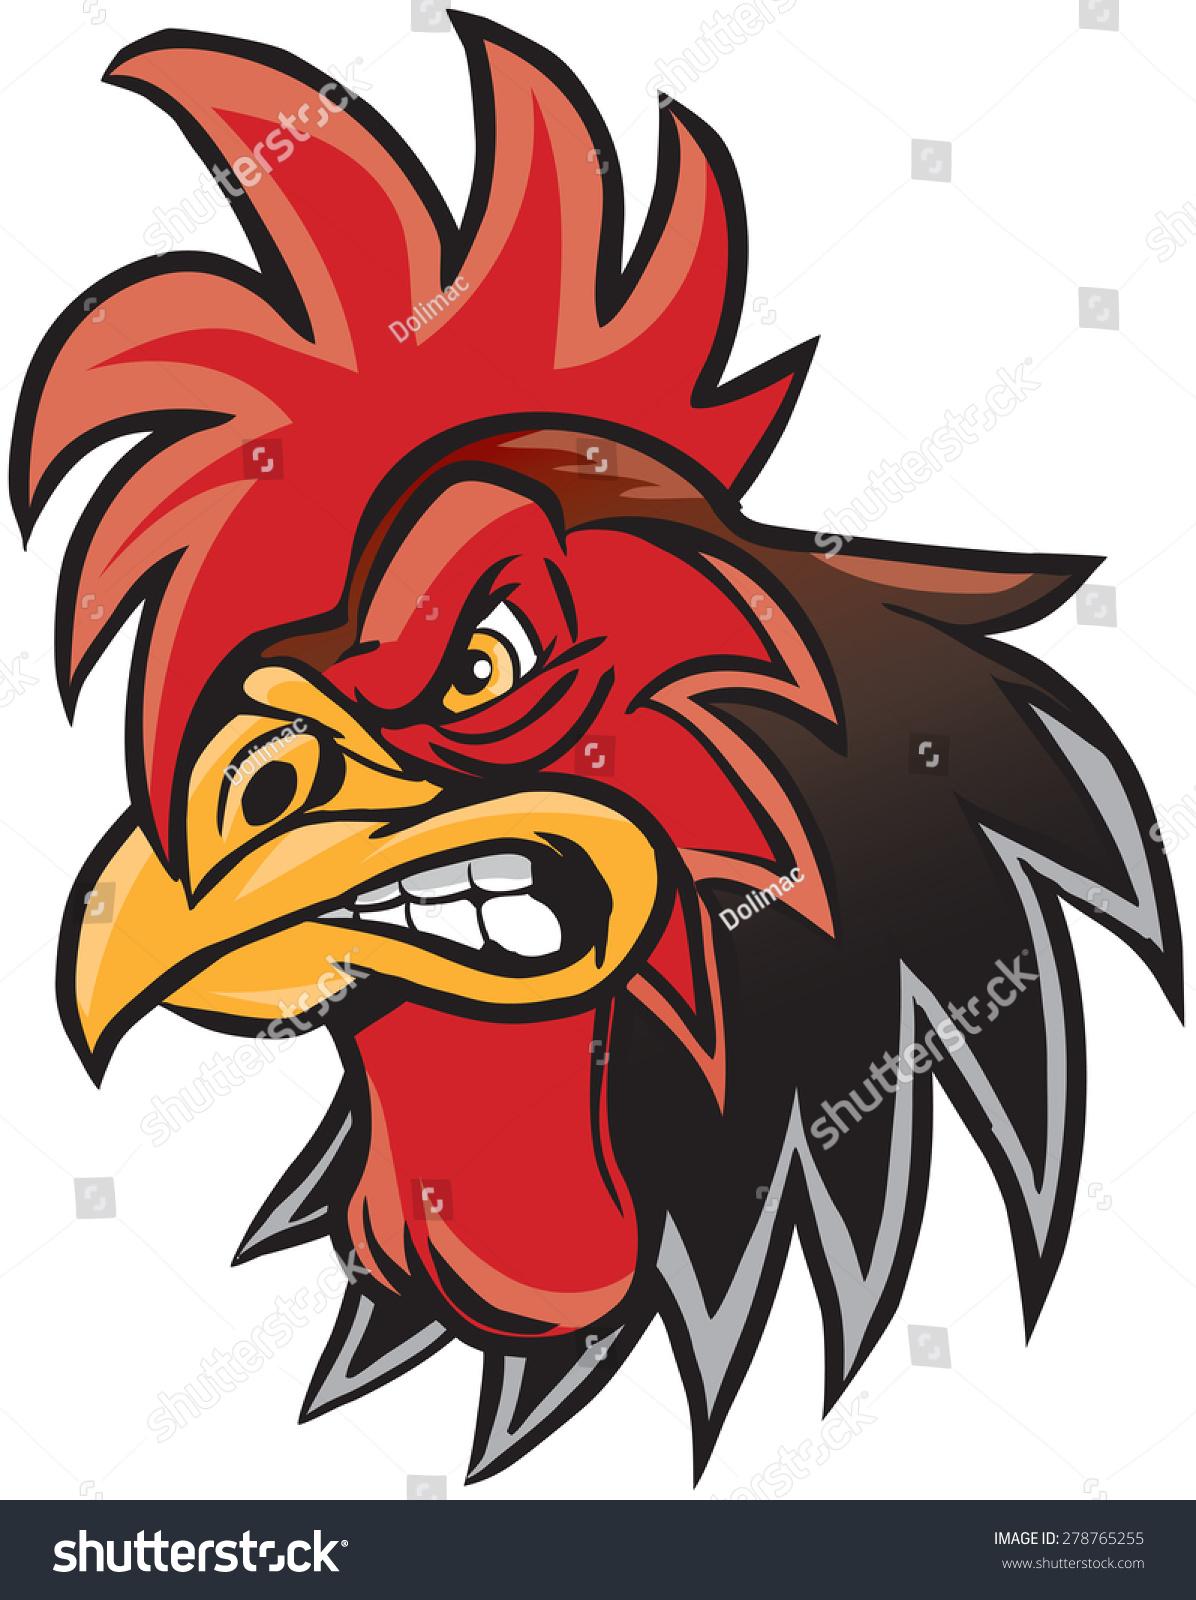 Logo Ayam Vektor : vektor, Vector, Cartoon, Illustration, Rooster, Stock, (Royalty, Free), 278765255